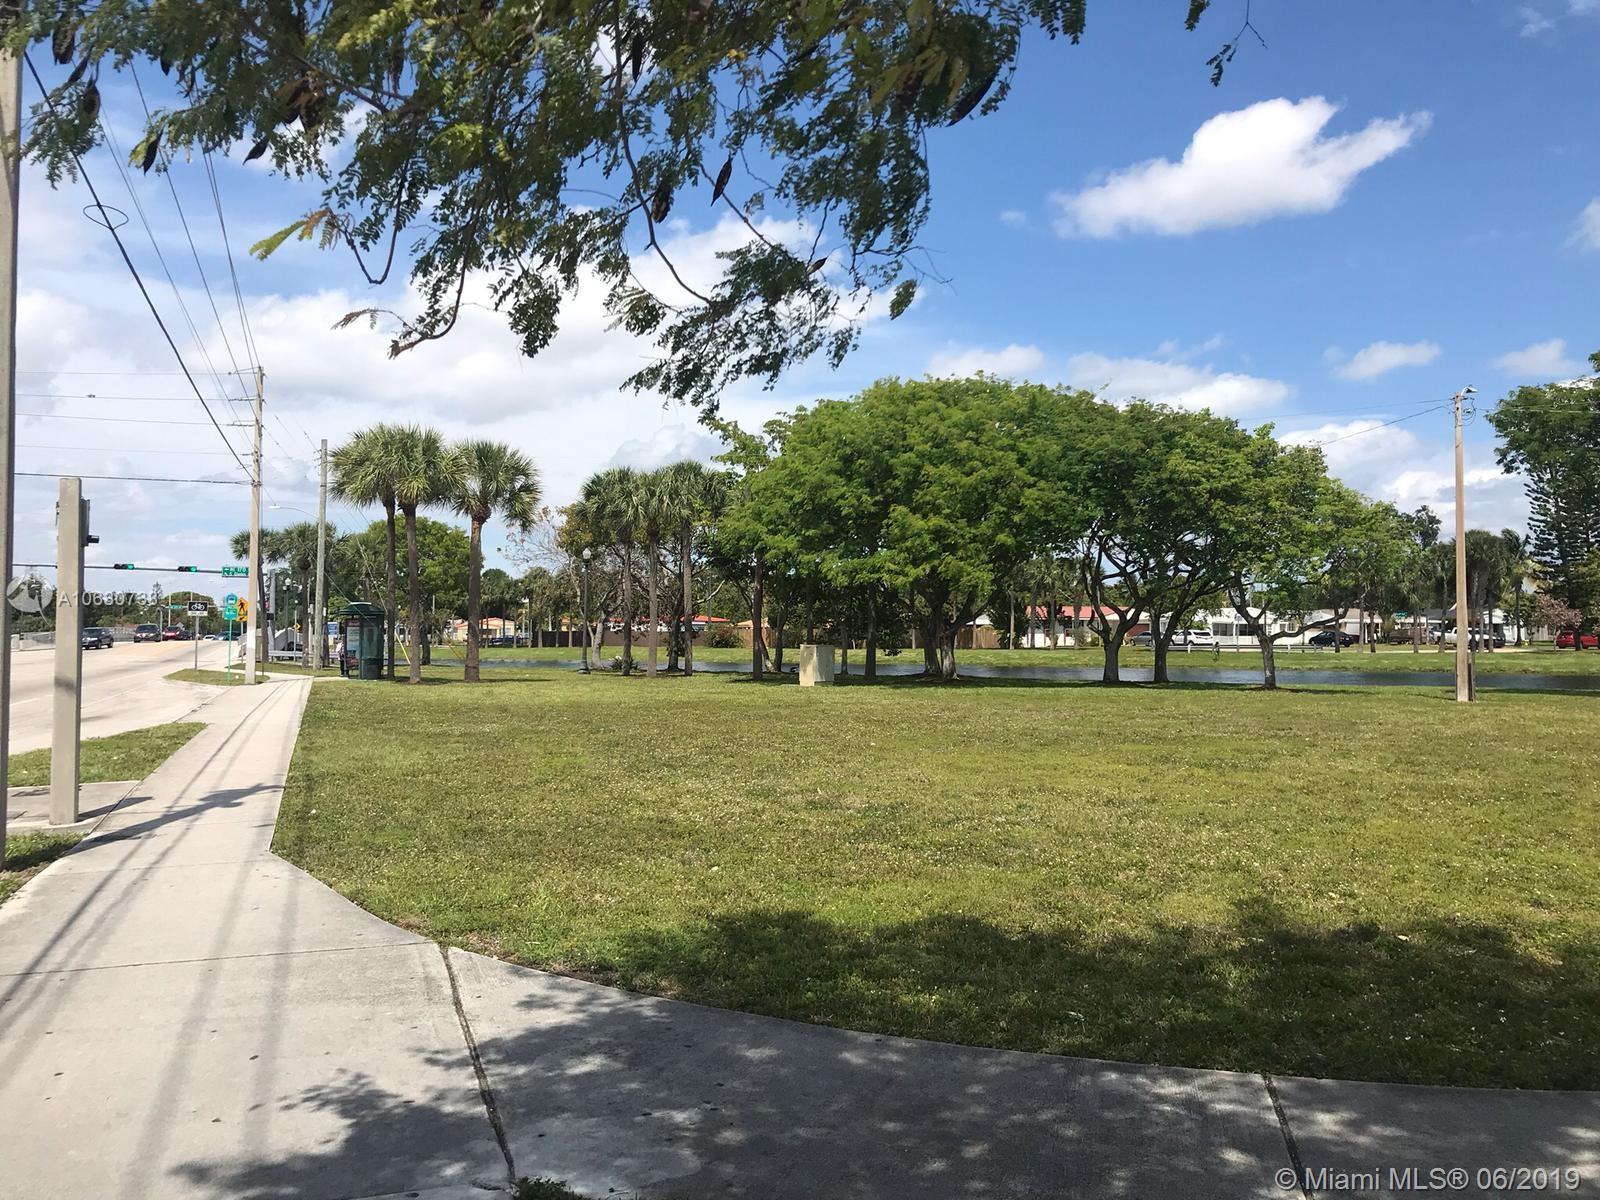 169 15 Ave, North Miami Beach, FL 33162